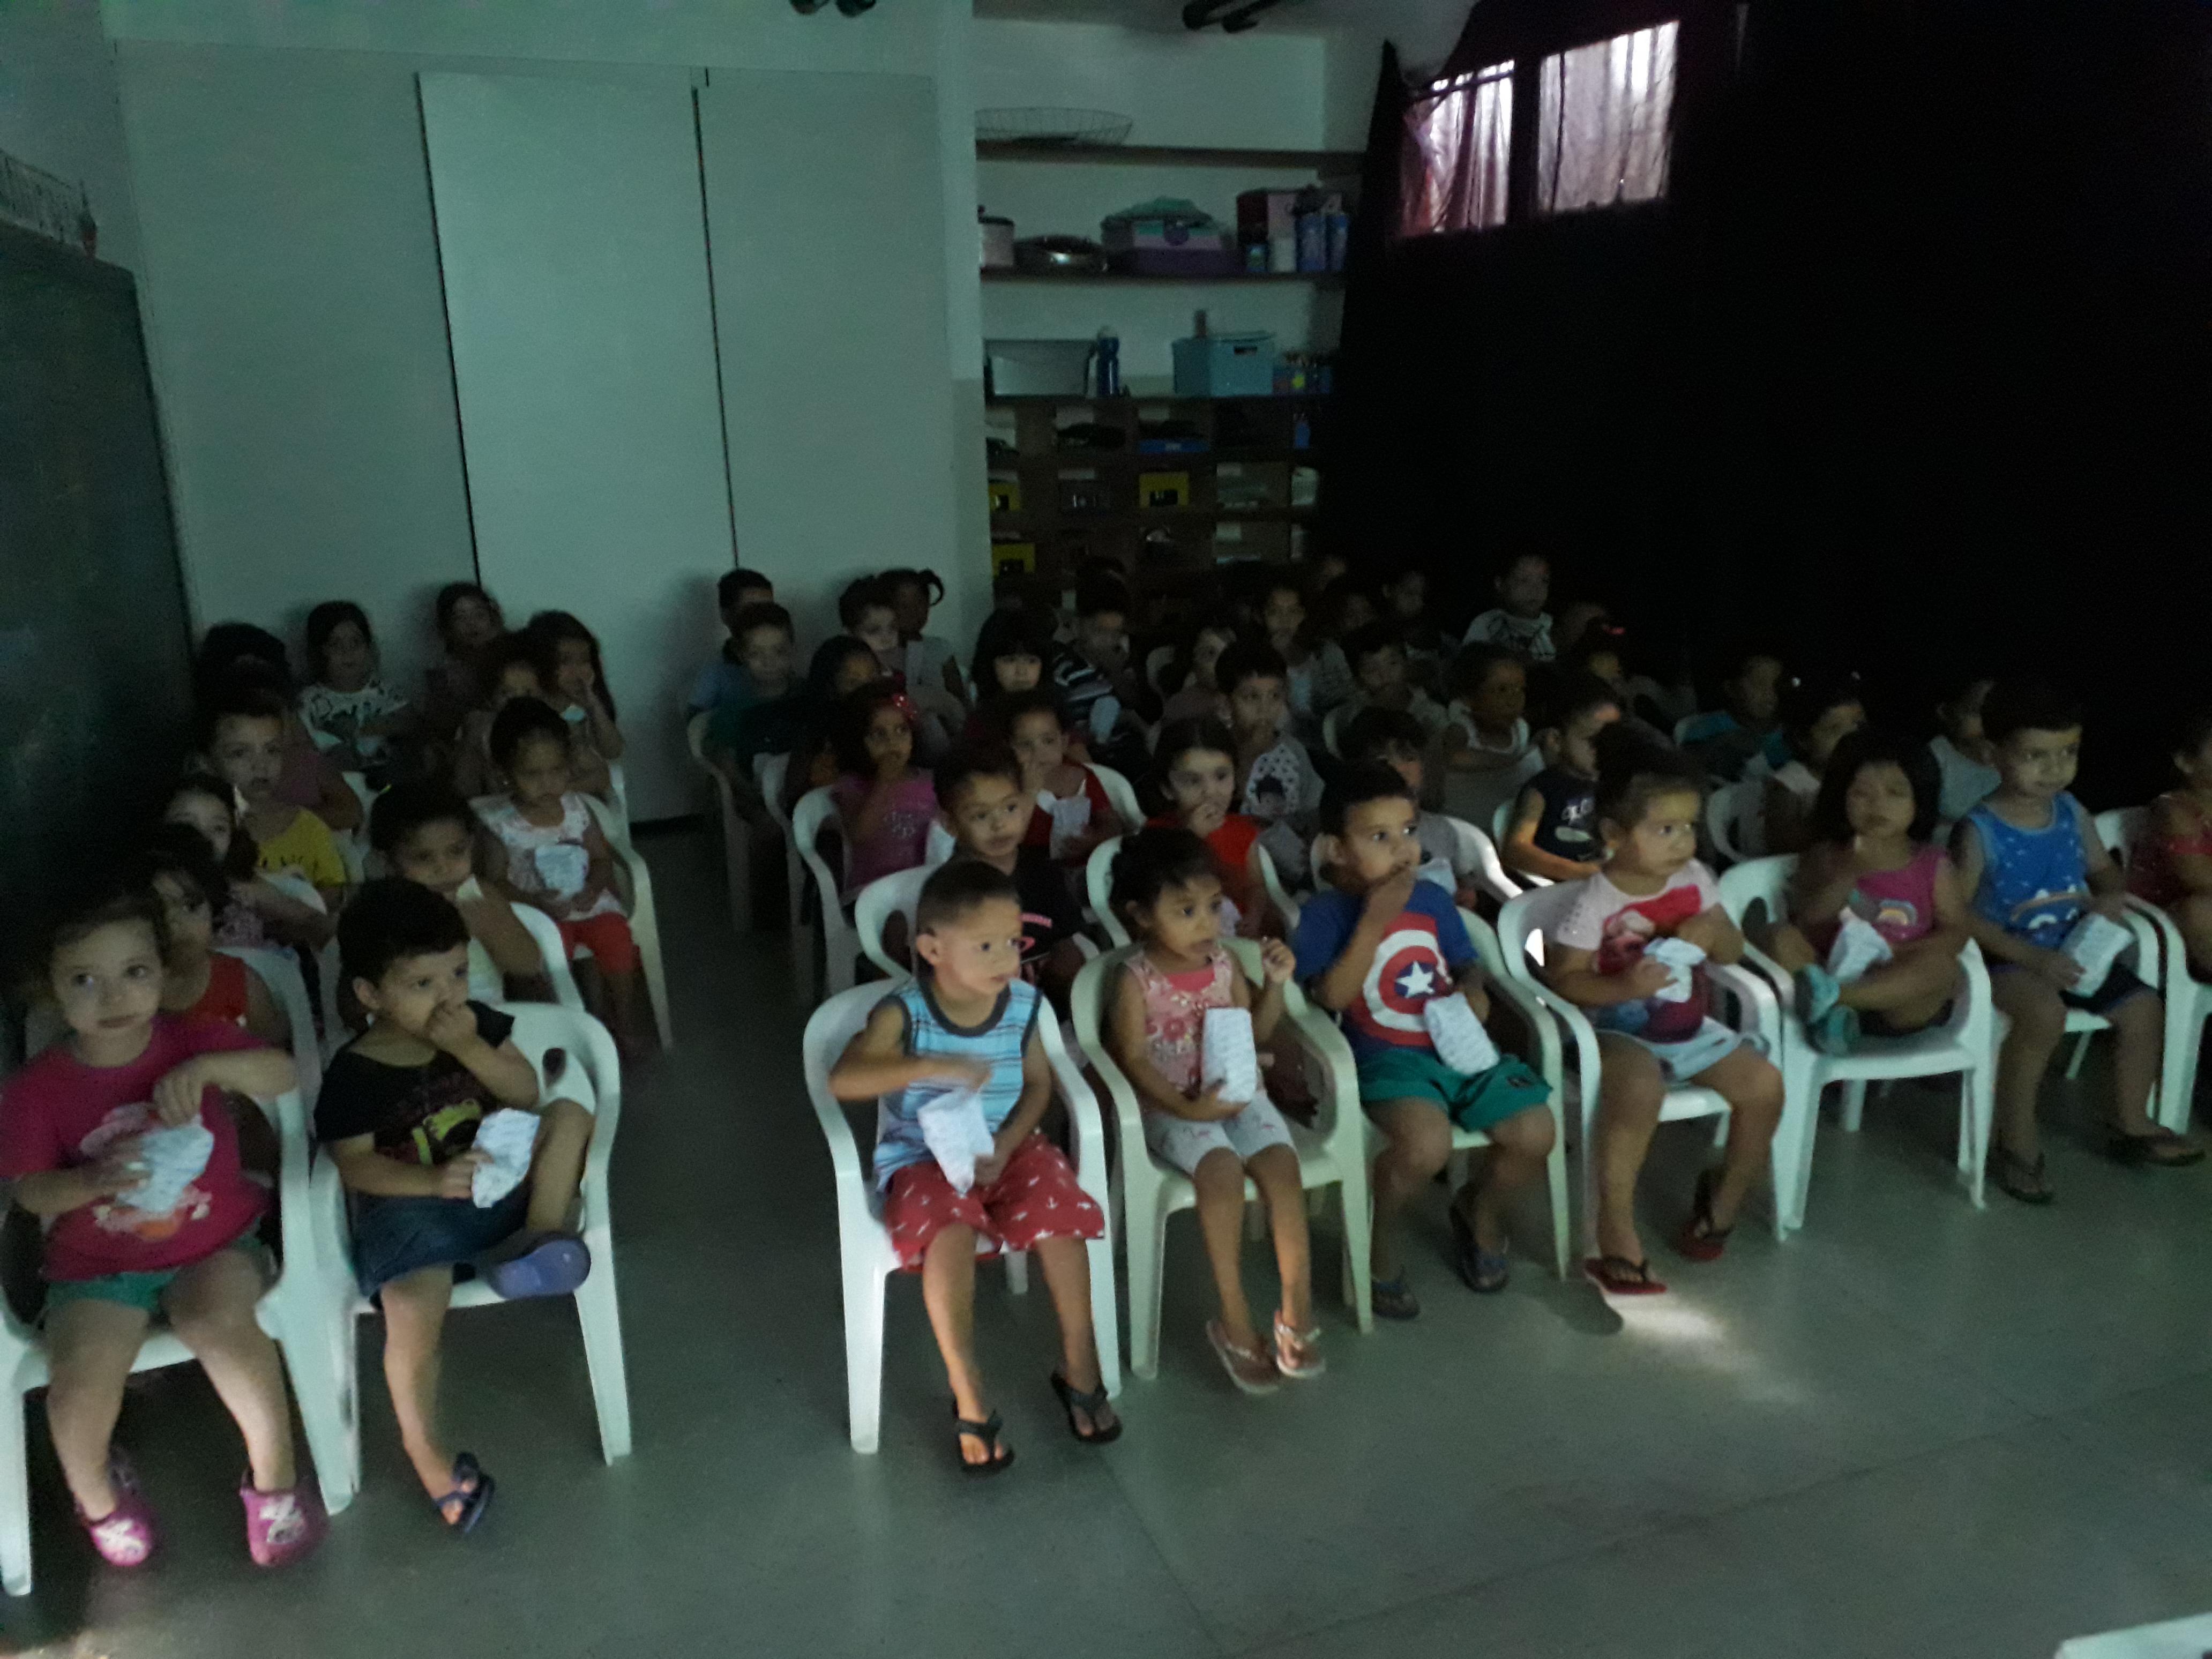 Semana_das_Crianças_-_Sessão_Cinema_CEM